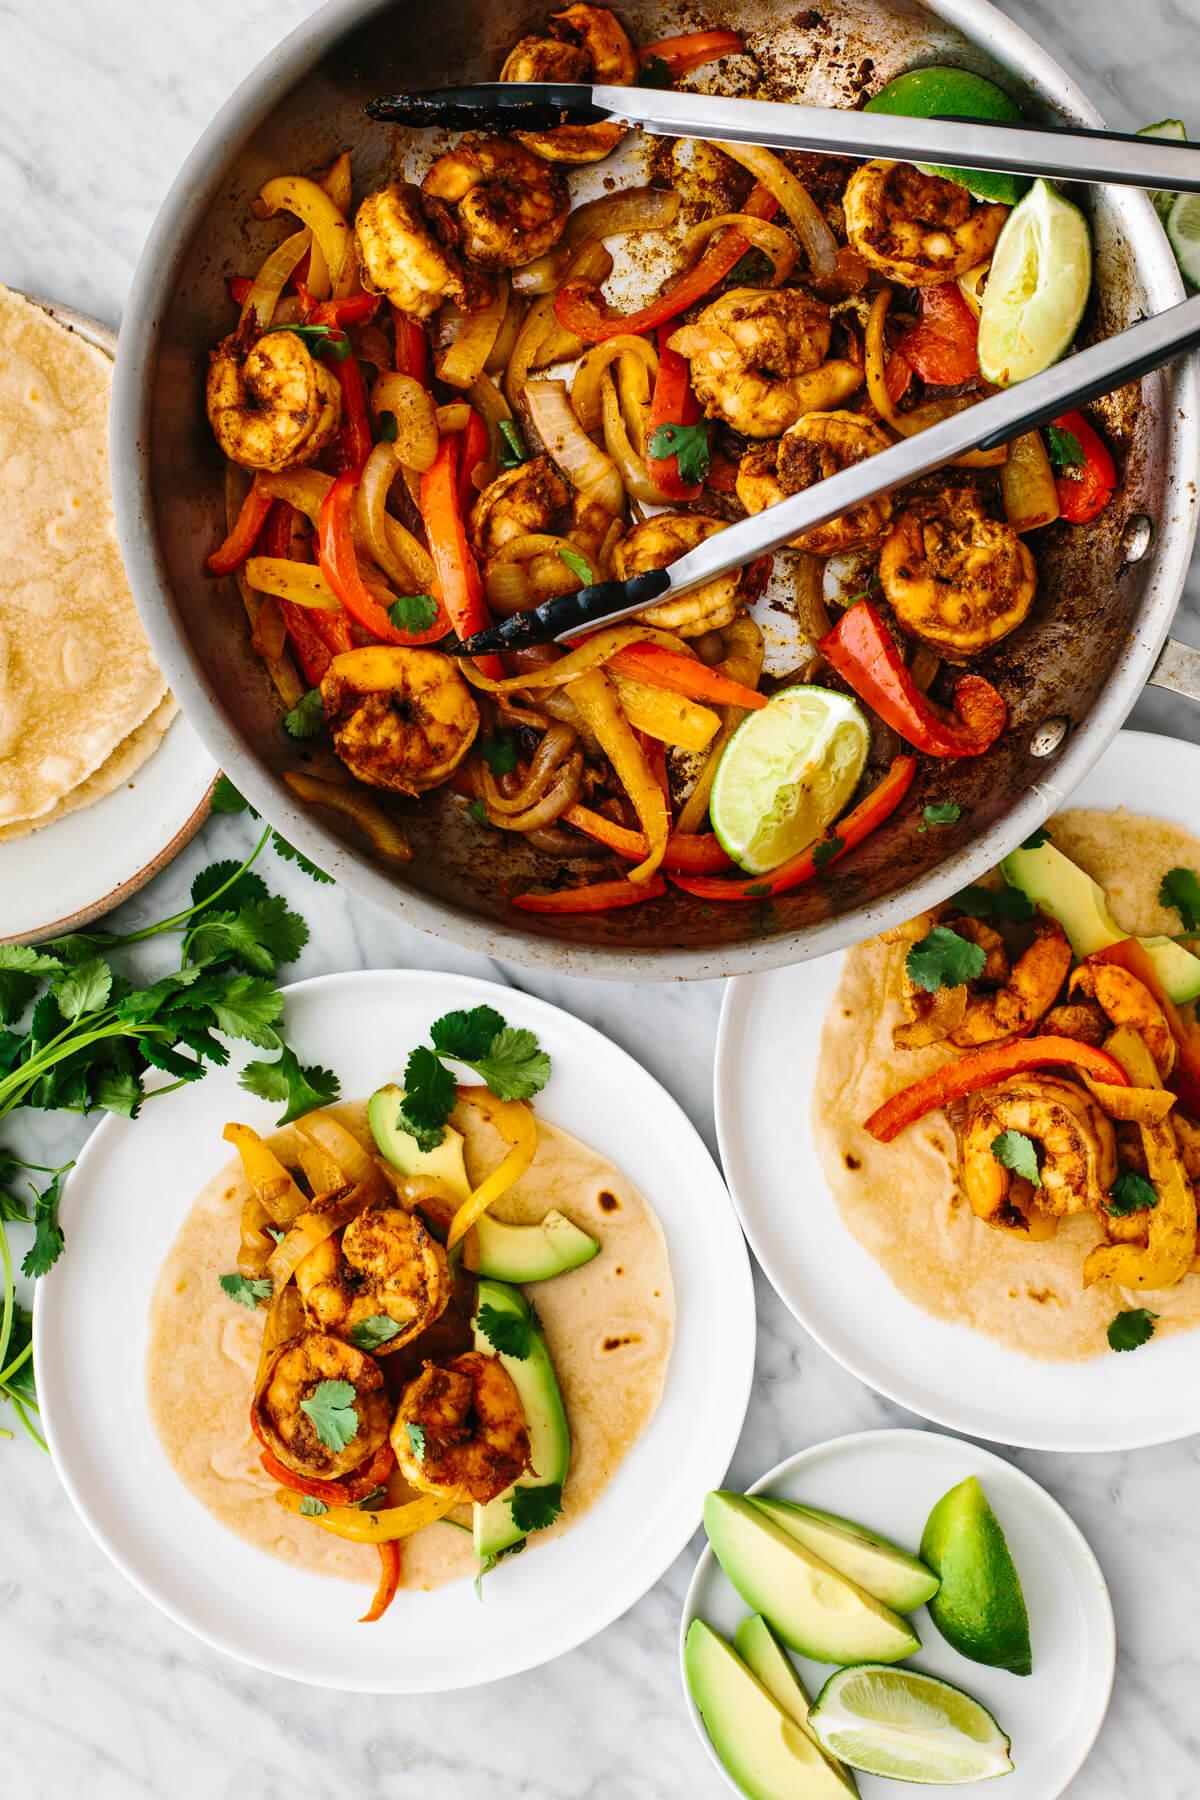 A pan of shrimp fajitas next to tacos on plates.